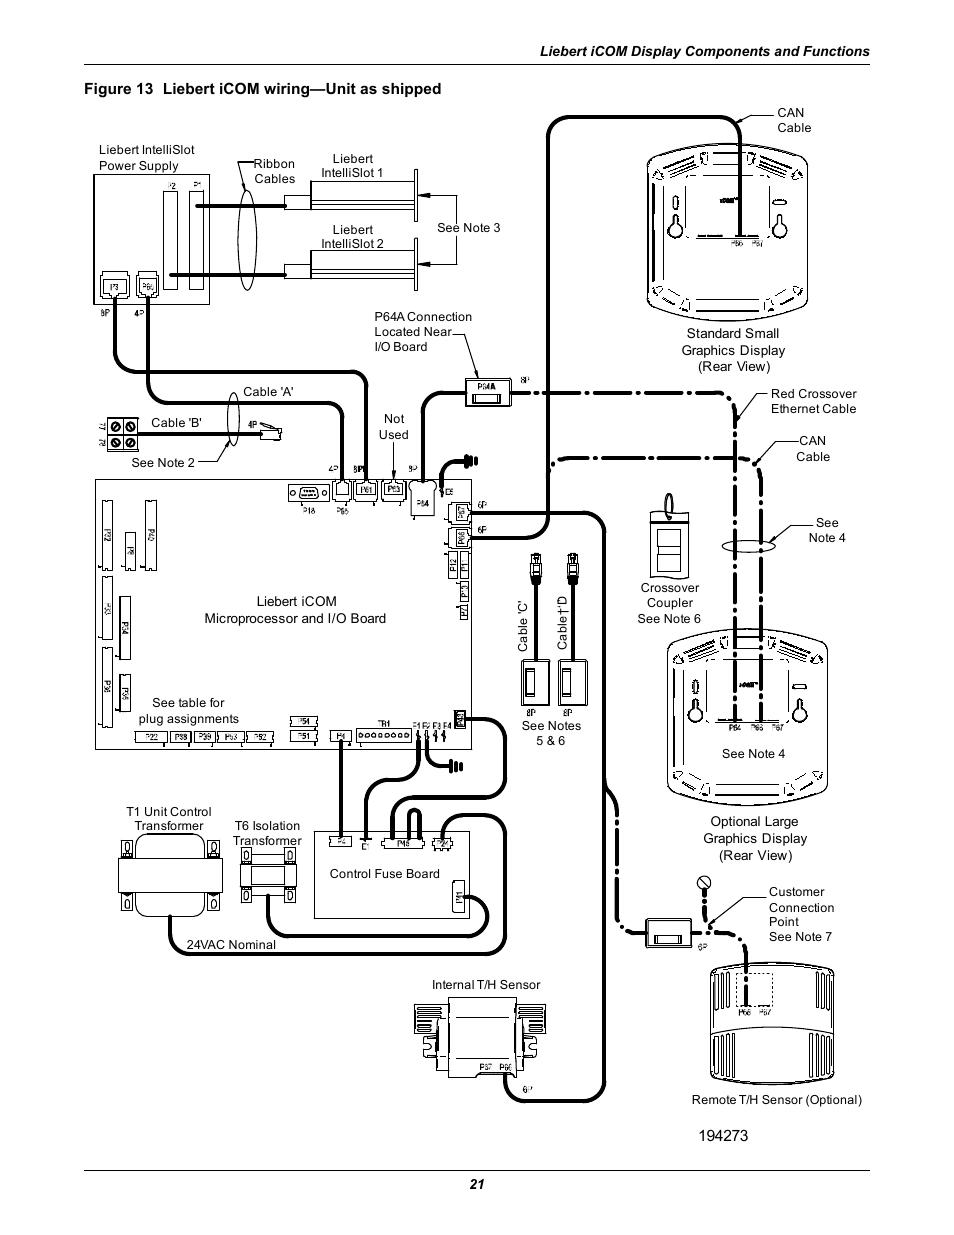 liebert wiring diagram wiring schematic diagram Liebert Battery Wiring Diagram liebert wiring schematics wiring diagram description liebert wiring diagram fire alarm liebert wiring diagram